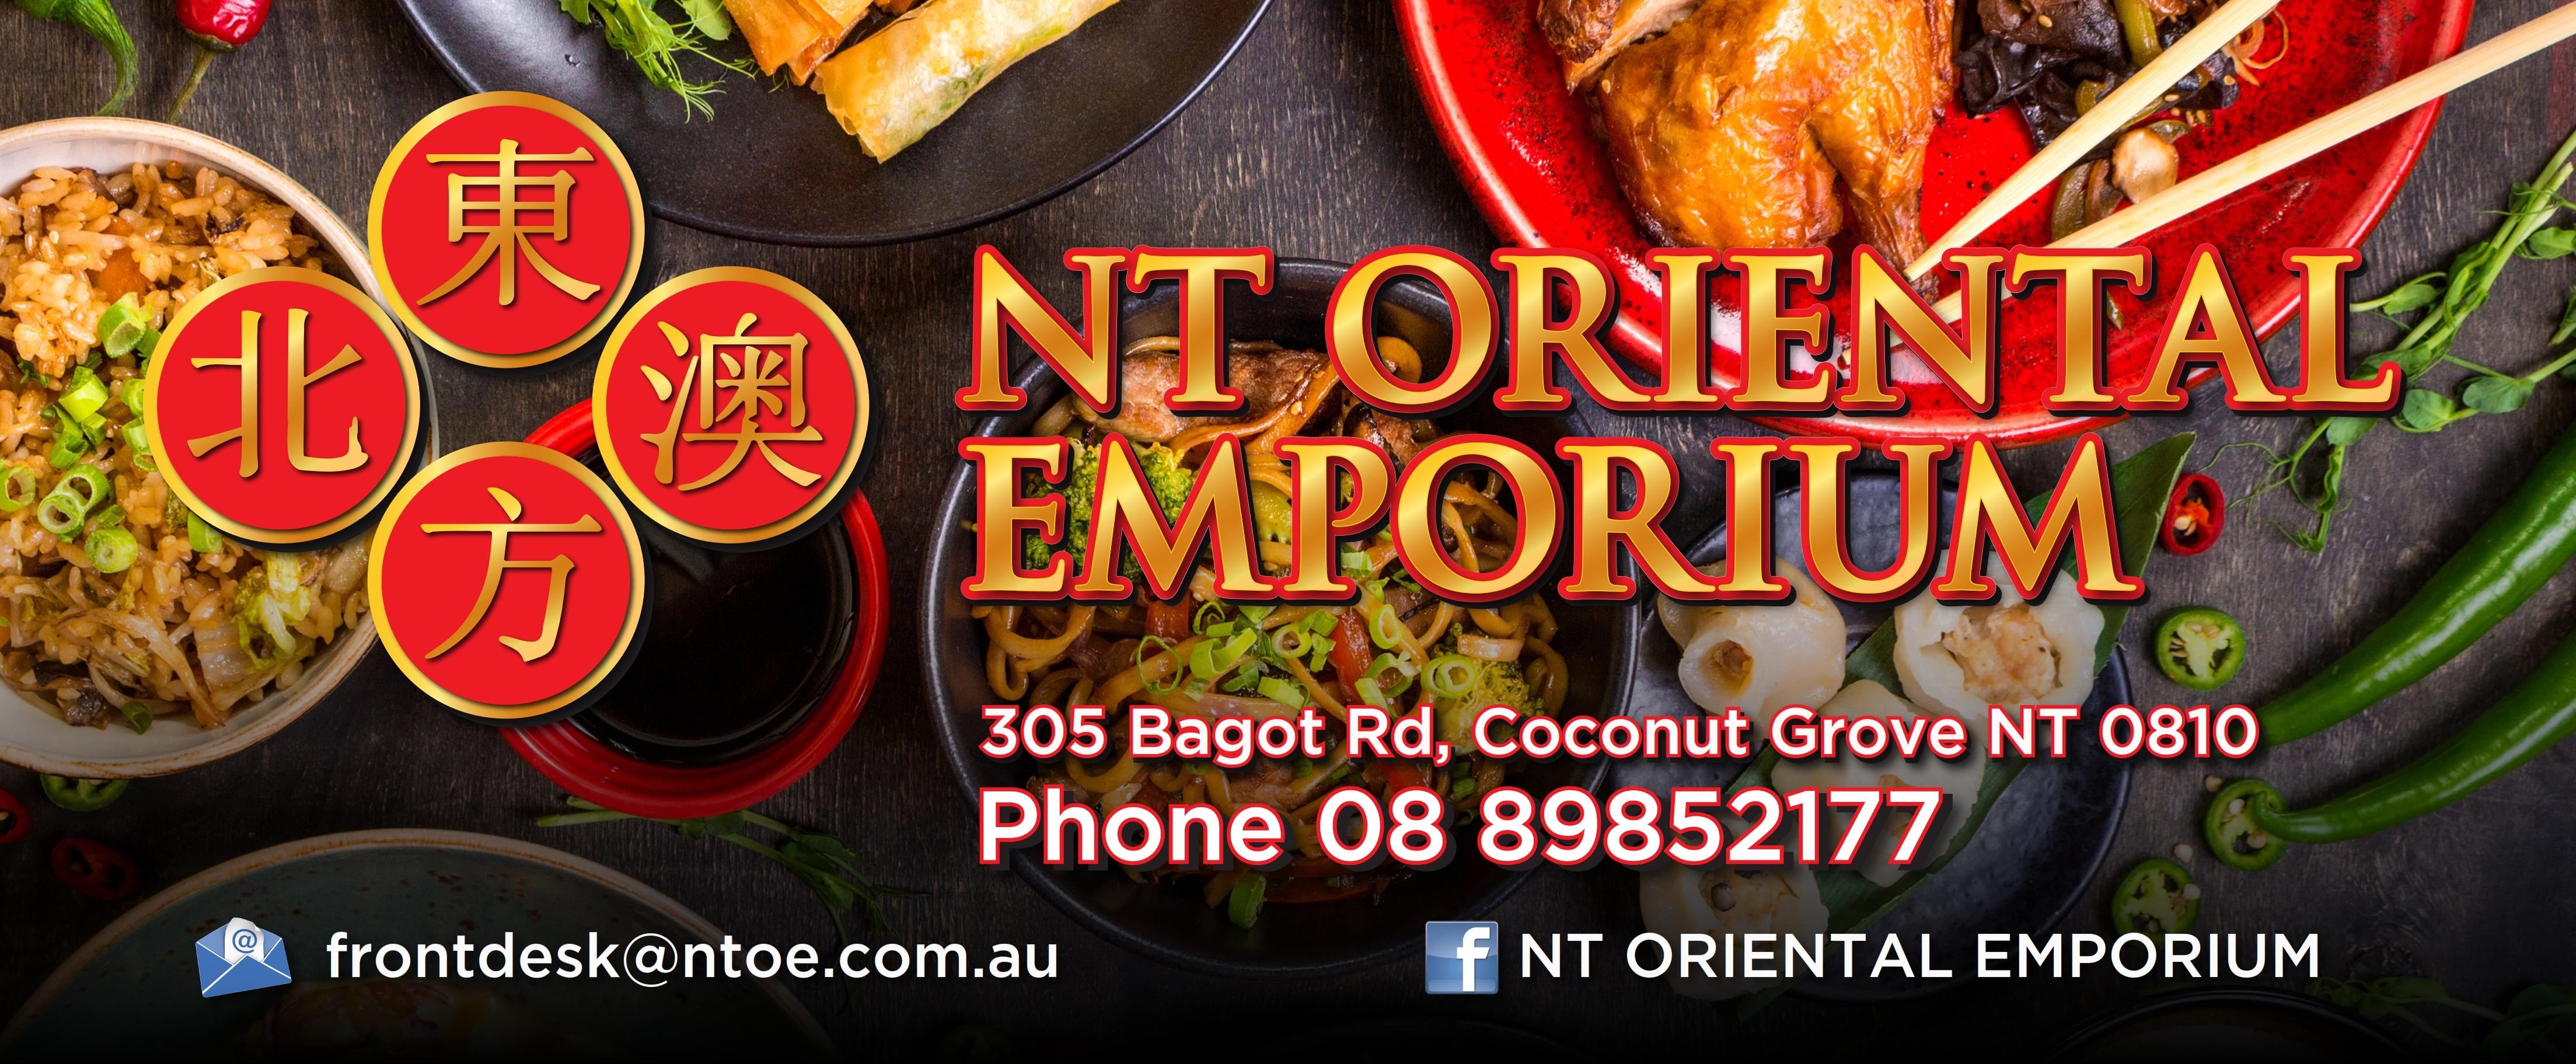 NT Oriental Emporium.jpg